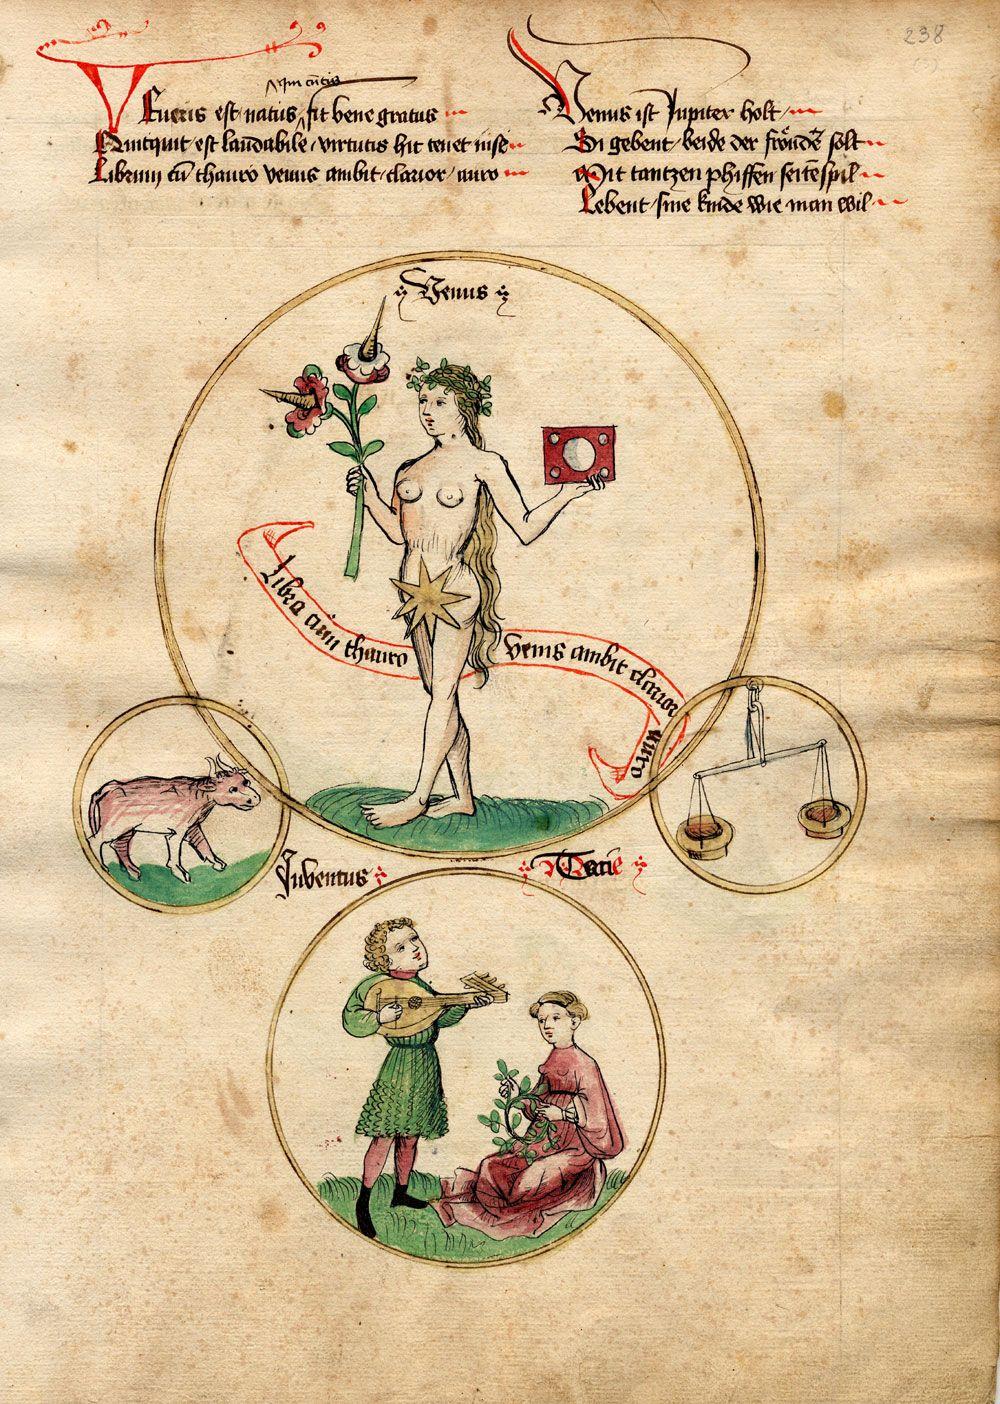 Venus http://www.ubs.sbg.ac.at/sosa/handschriften/MIII36(3r).jpg